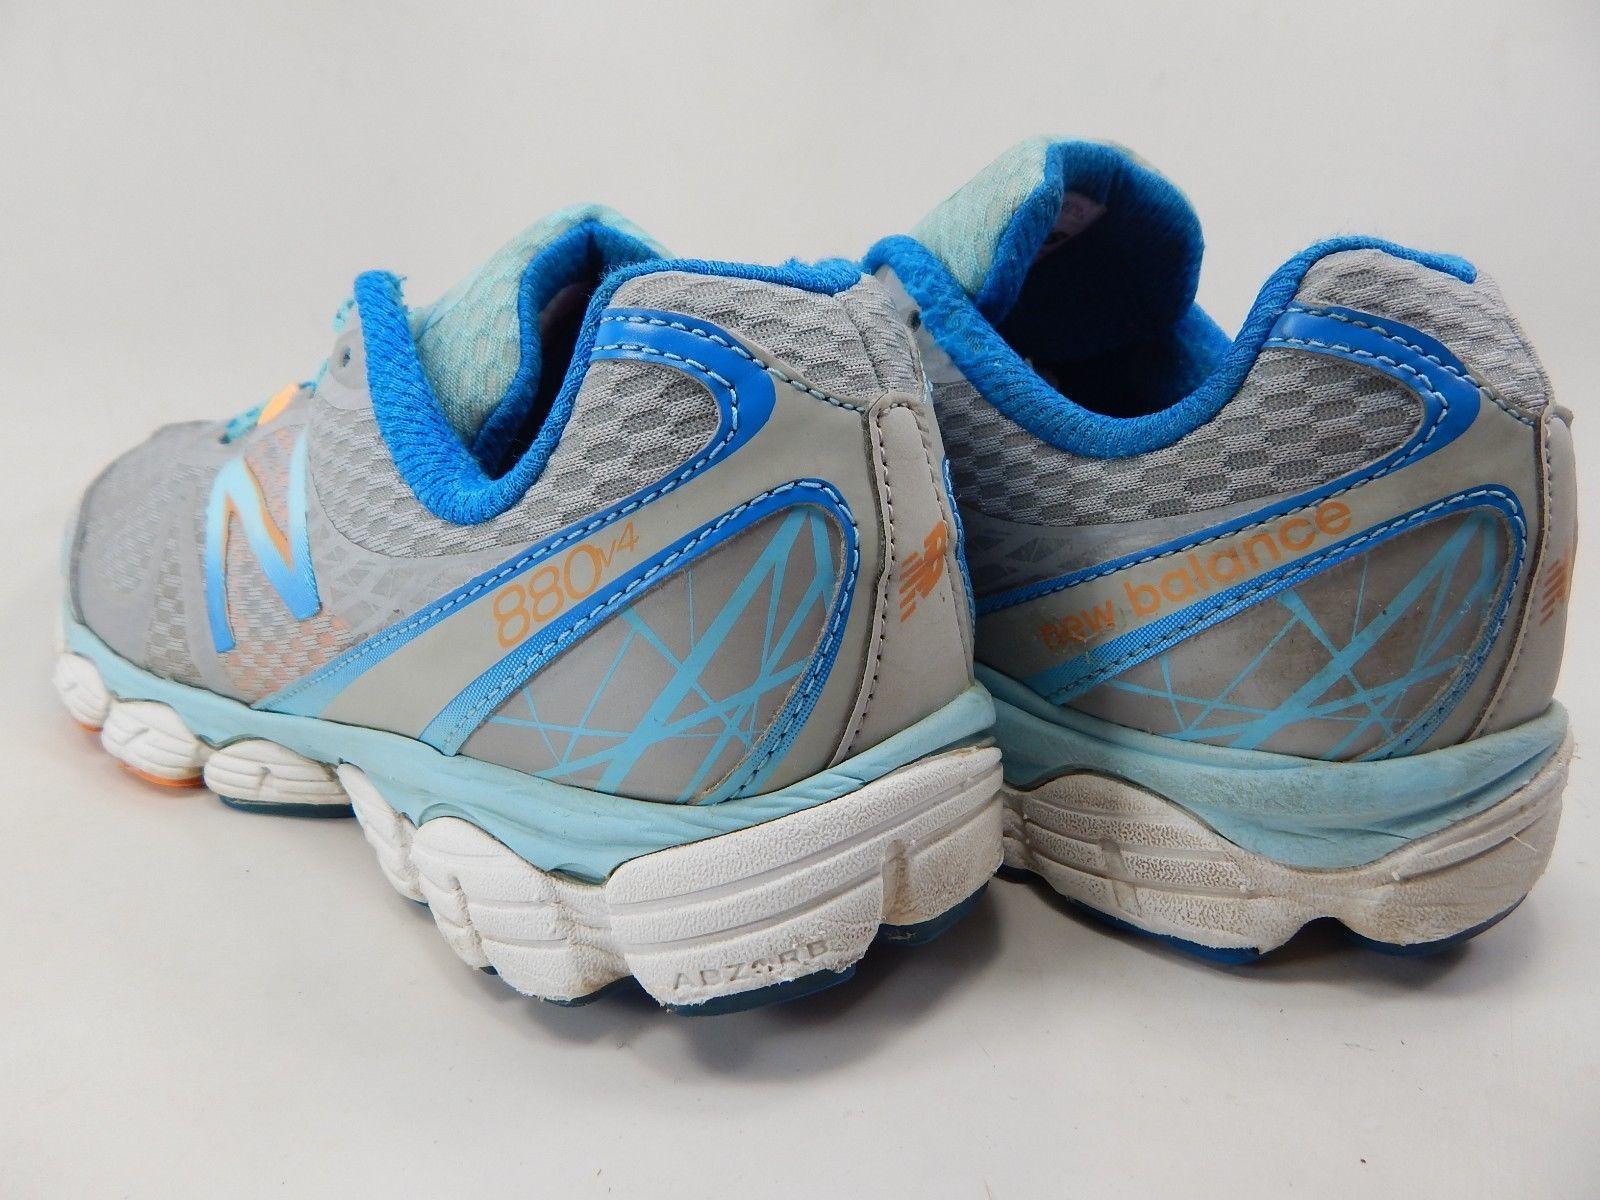 New Balance 880 v 4 Size US 8 M (B) EU 39 Women's Running Shoes Silver W880WO4